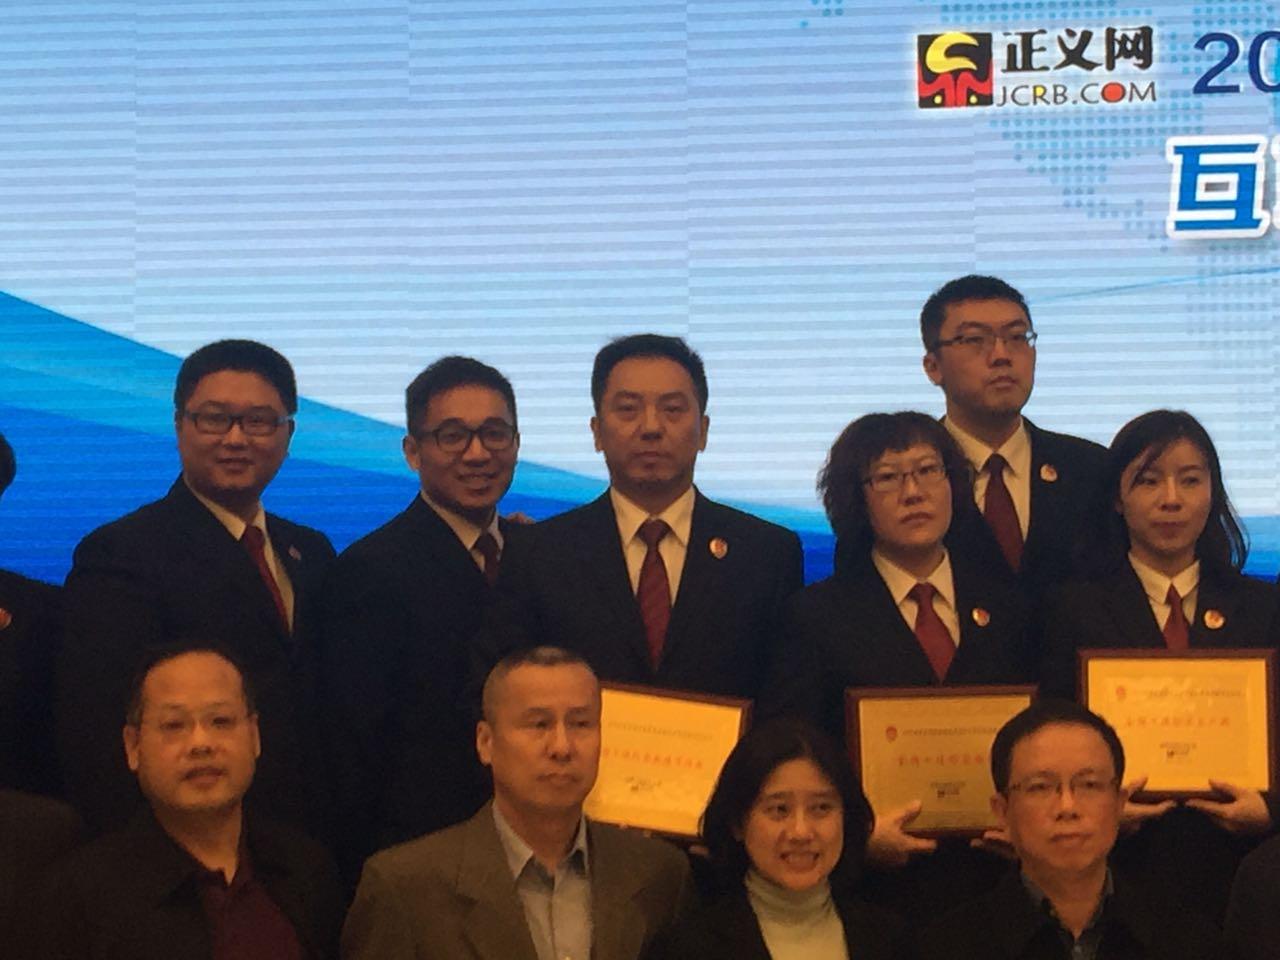 2015年度政法新媒体峰会4